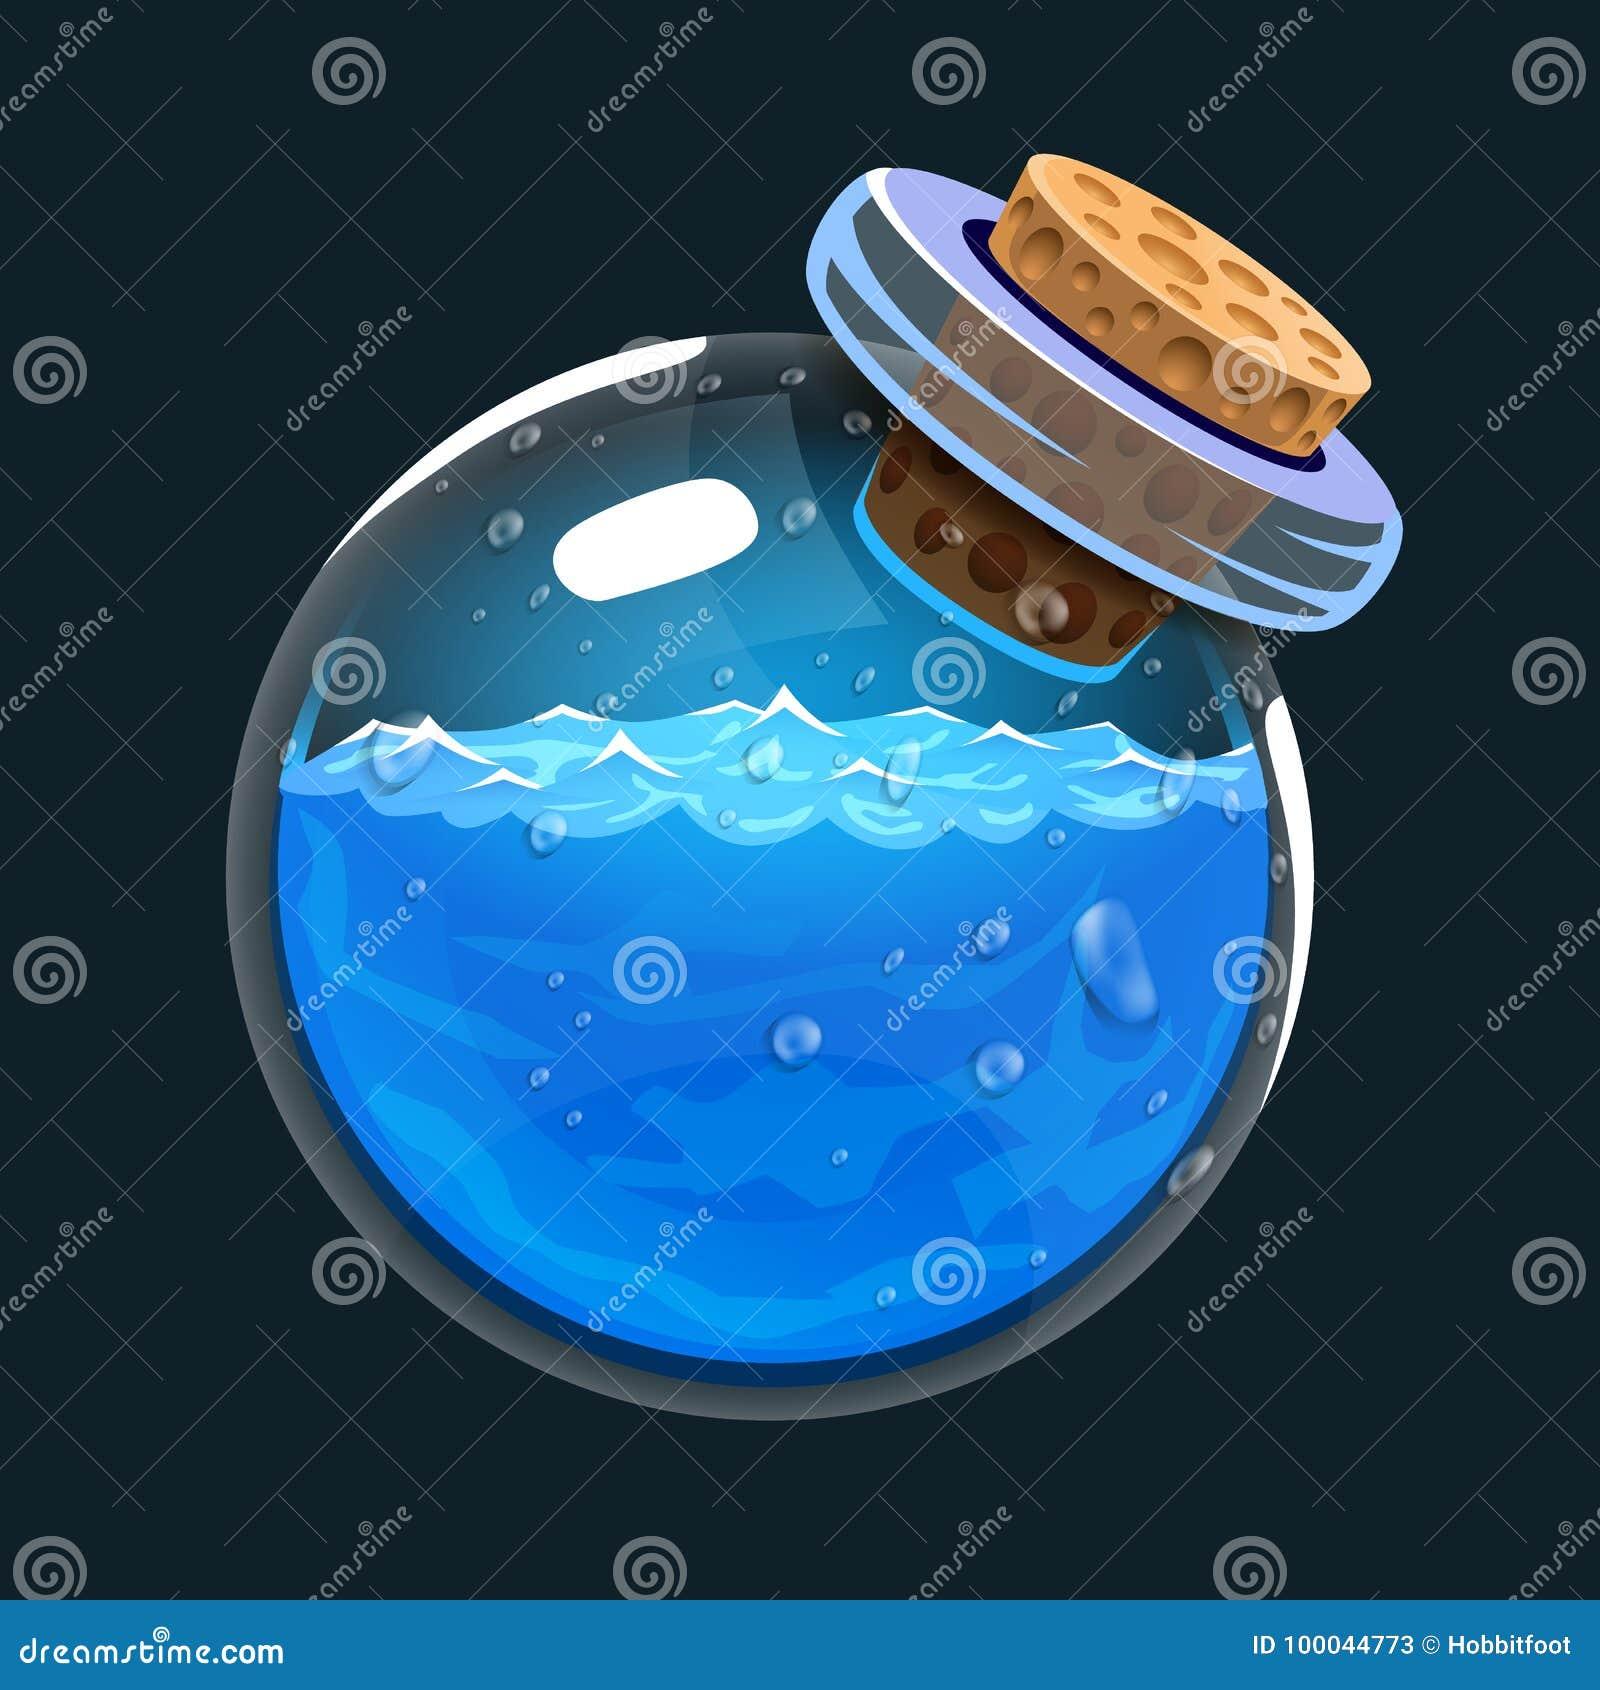 Fles water Spelpictogram van magisch elixir Interface voor rpg of match3-spel Water of mana Grote variant